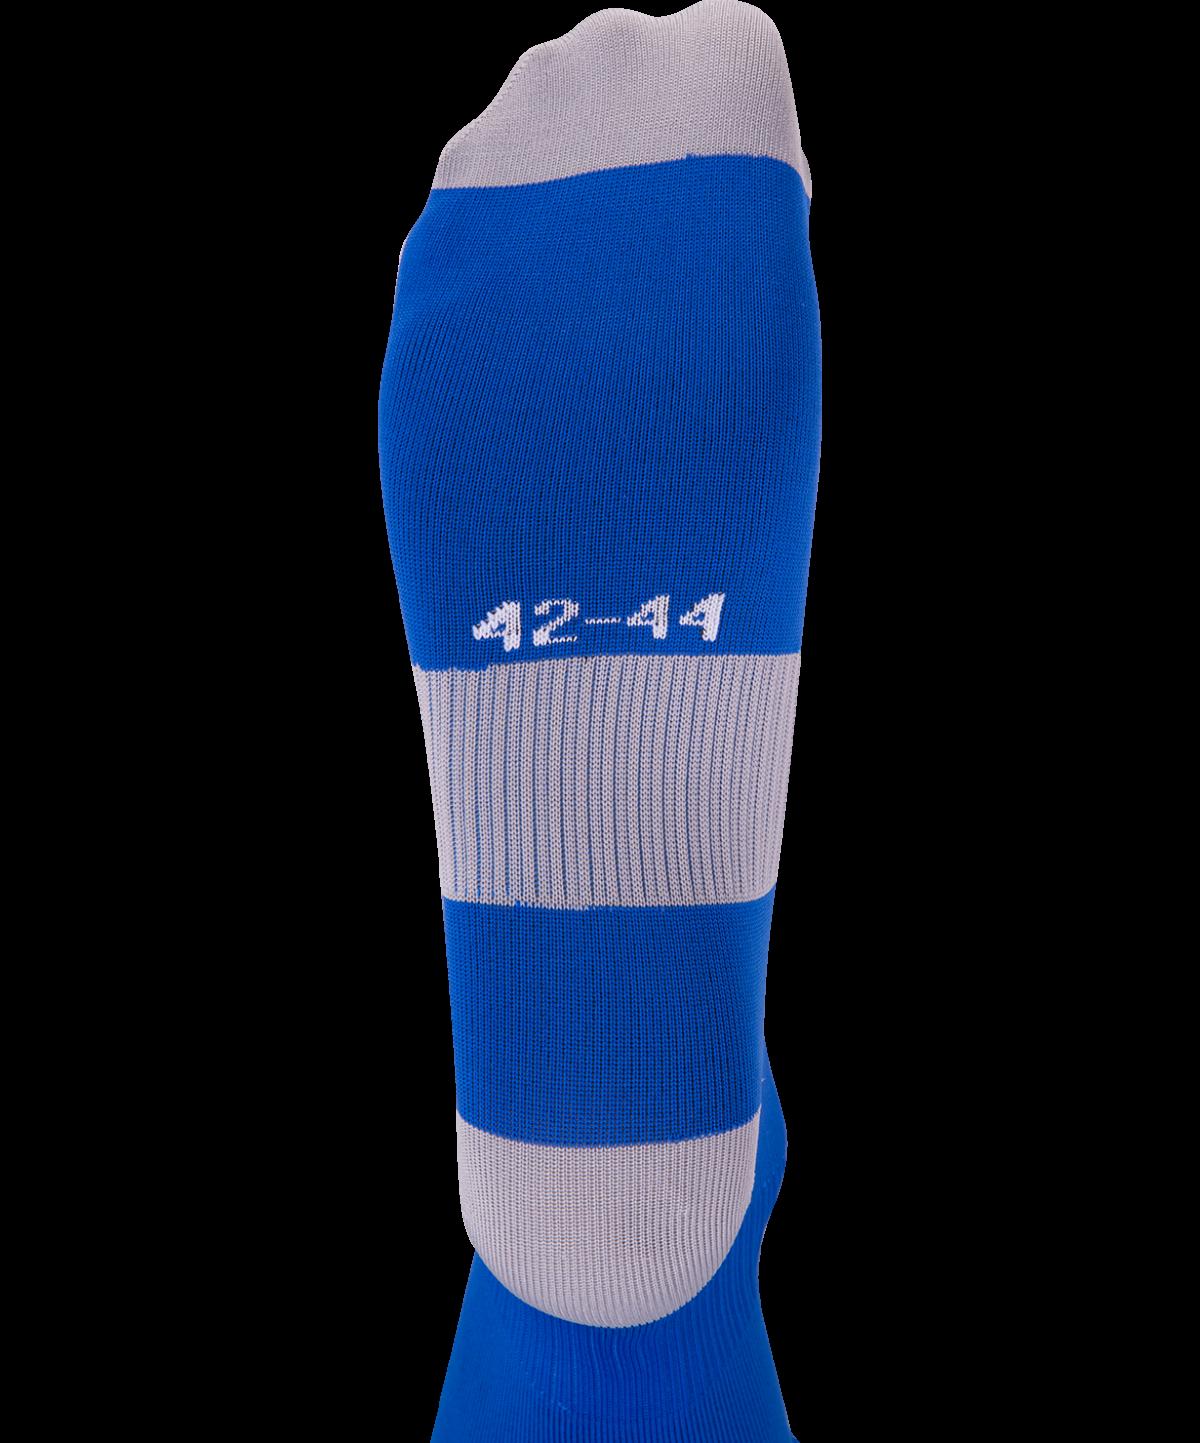 JOGEL Гетры футбольные Essentiаl, синий/серый  JA-006 - 3